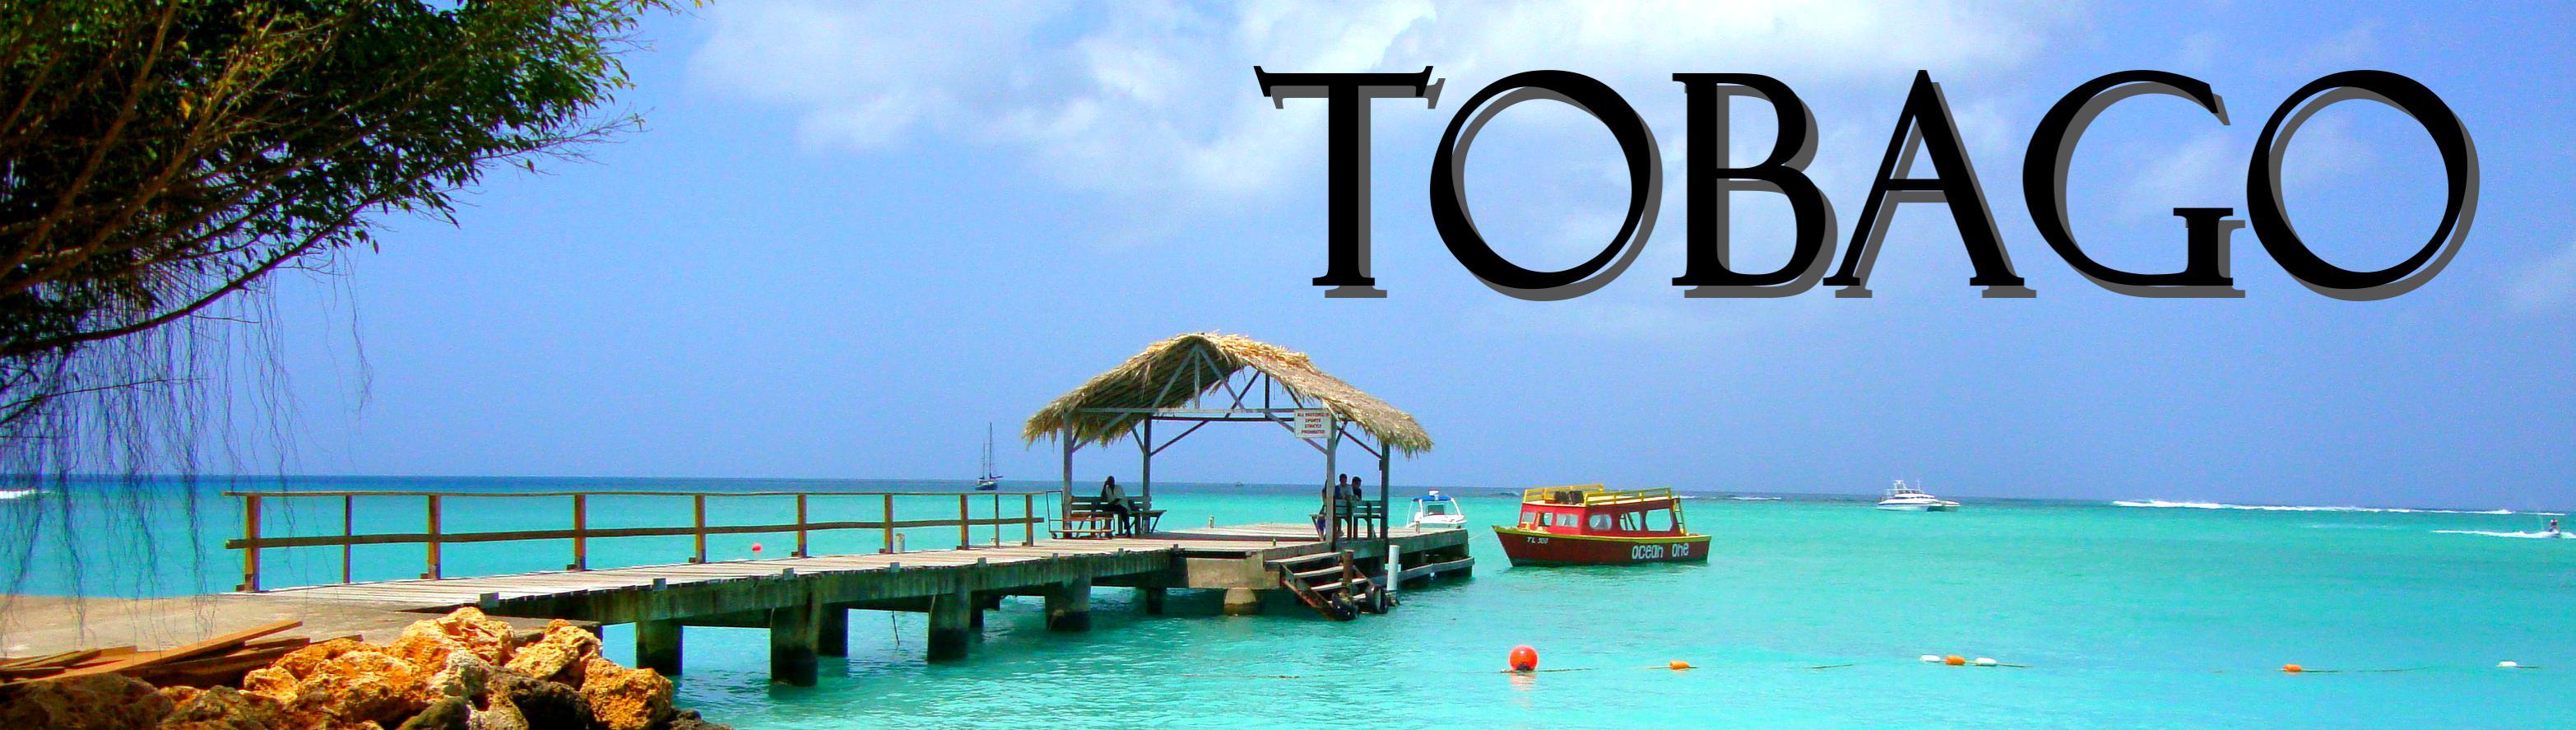 tobago banner